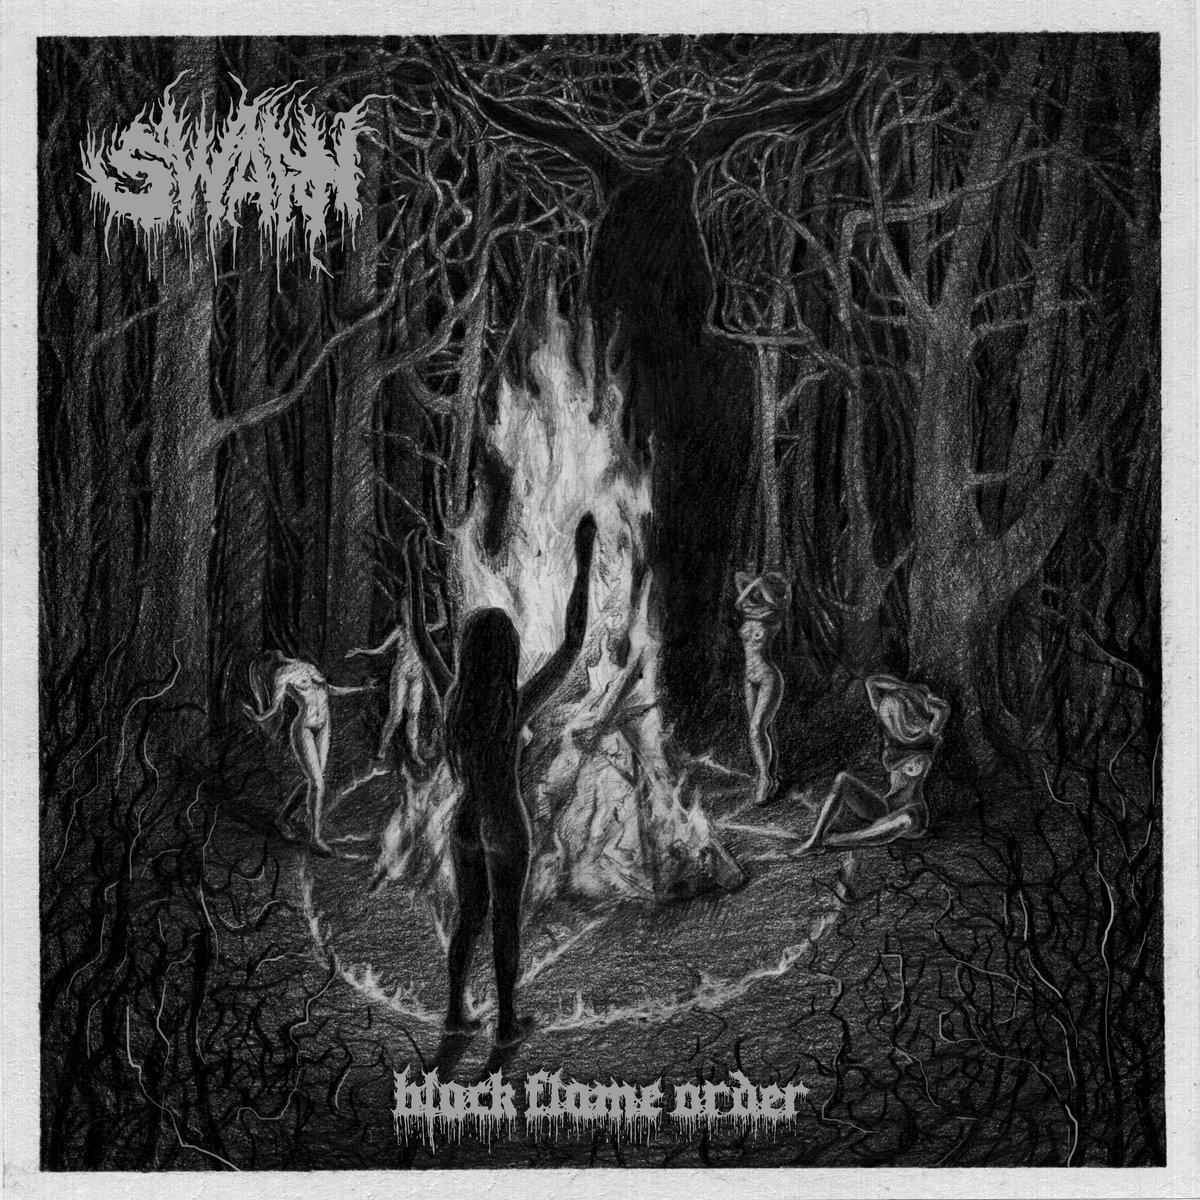 swarn – black flame order